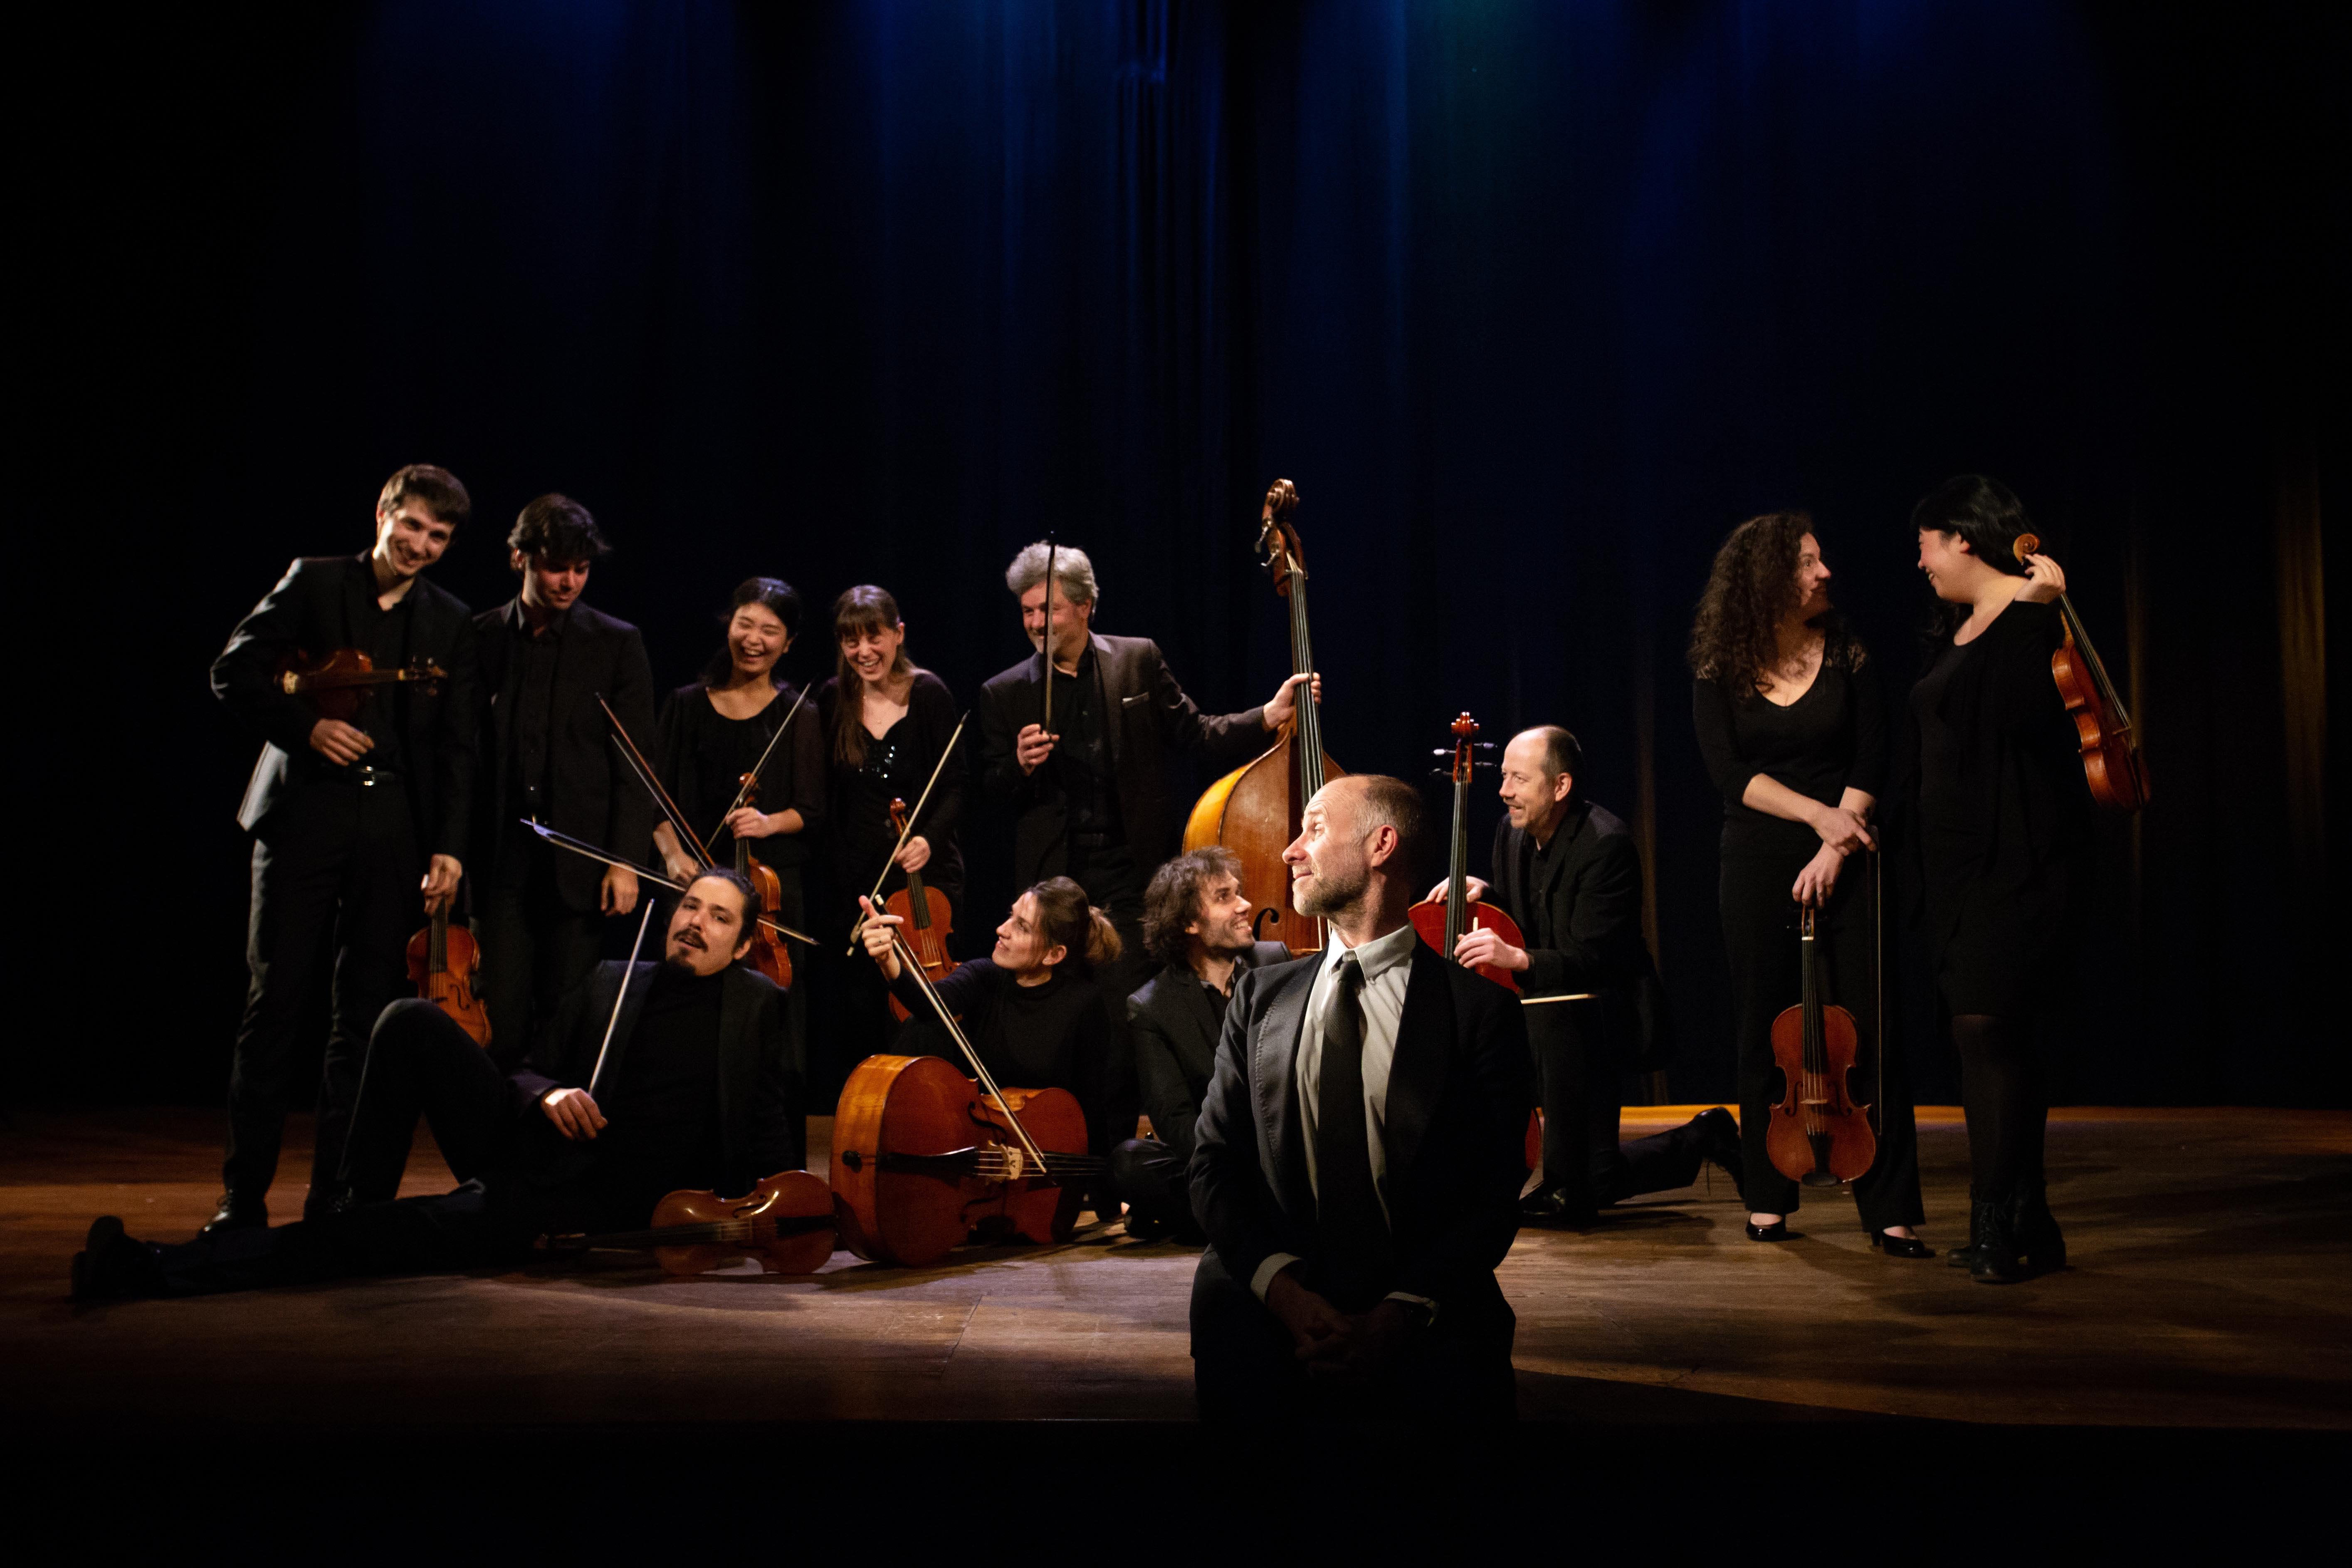 Sophie Junker, Le Concert de l'Hostel Dieu & Frank-Emmanuel Comte